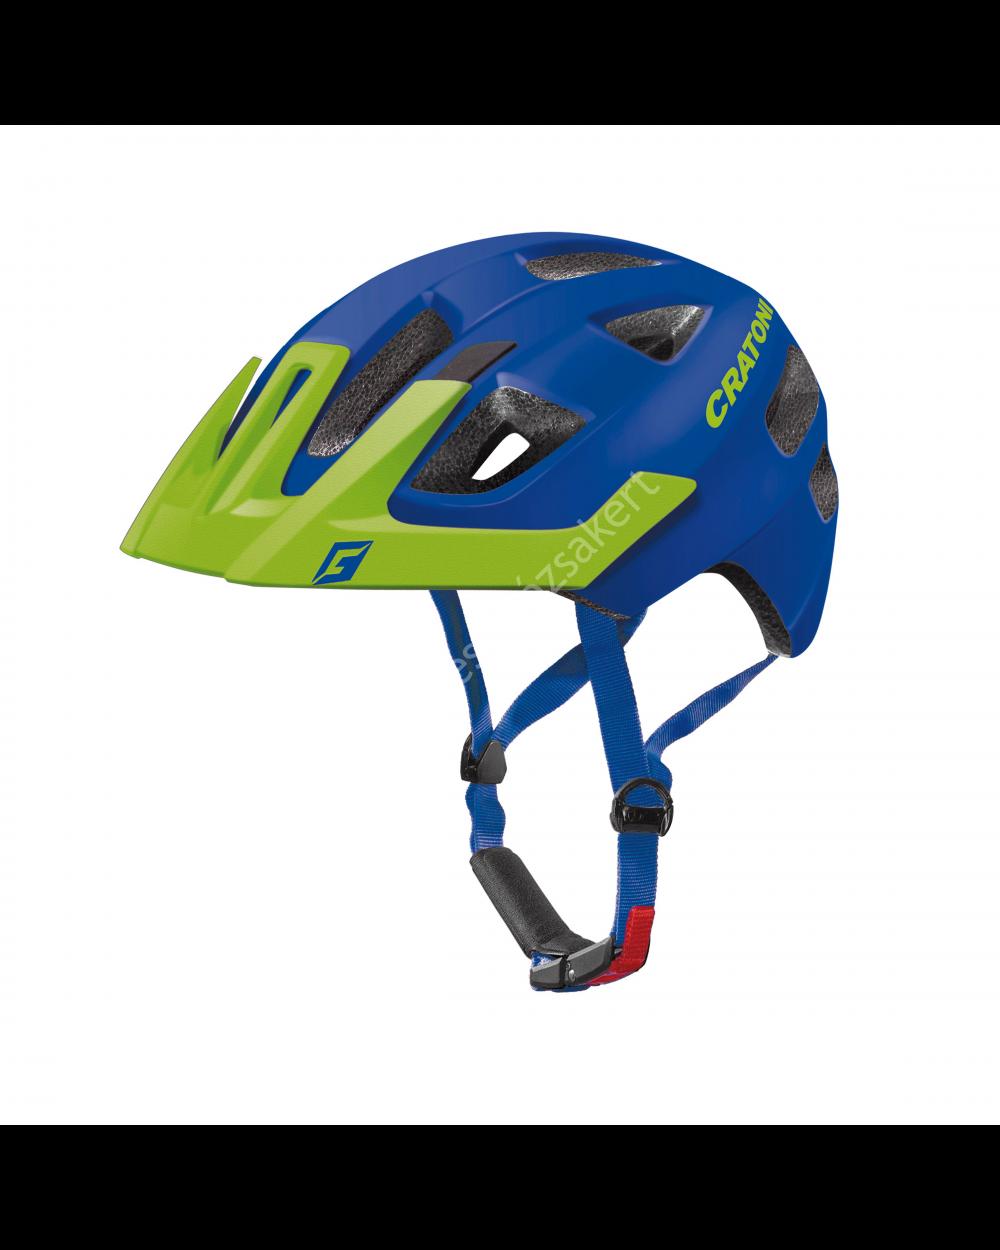 Cratoni Maxster Pro gyermek bukósisak, kék-zöld, 46-51 cm